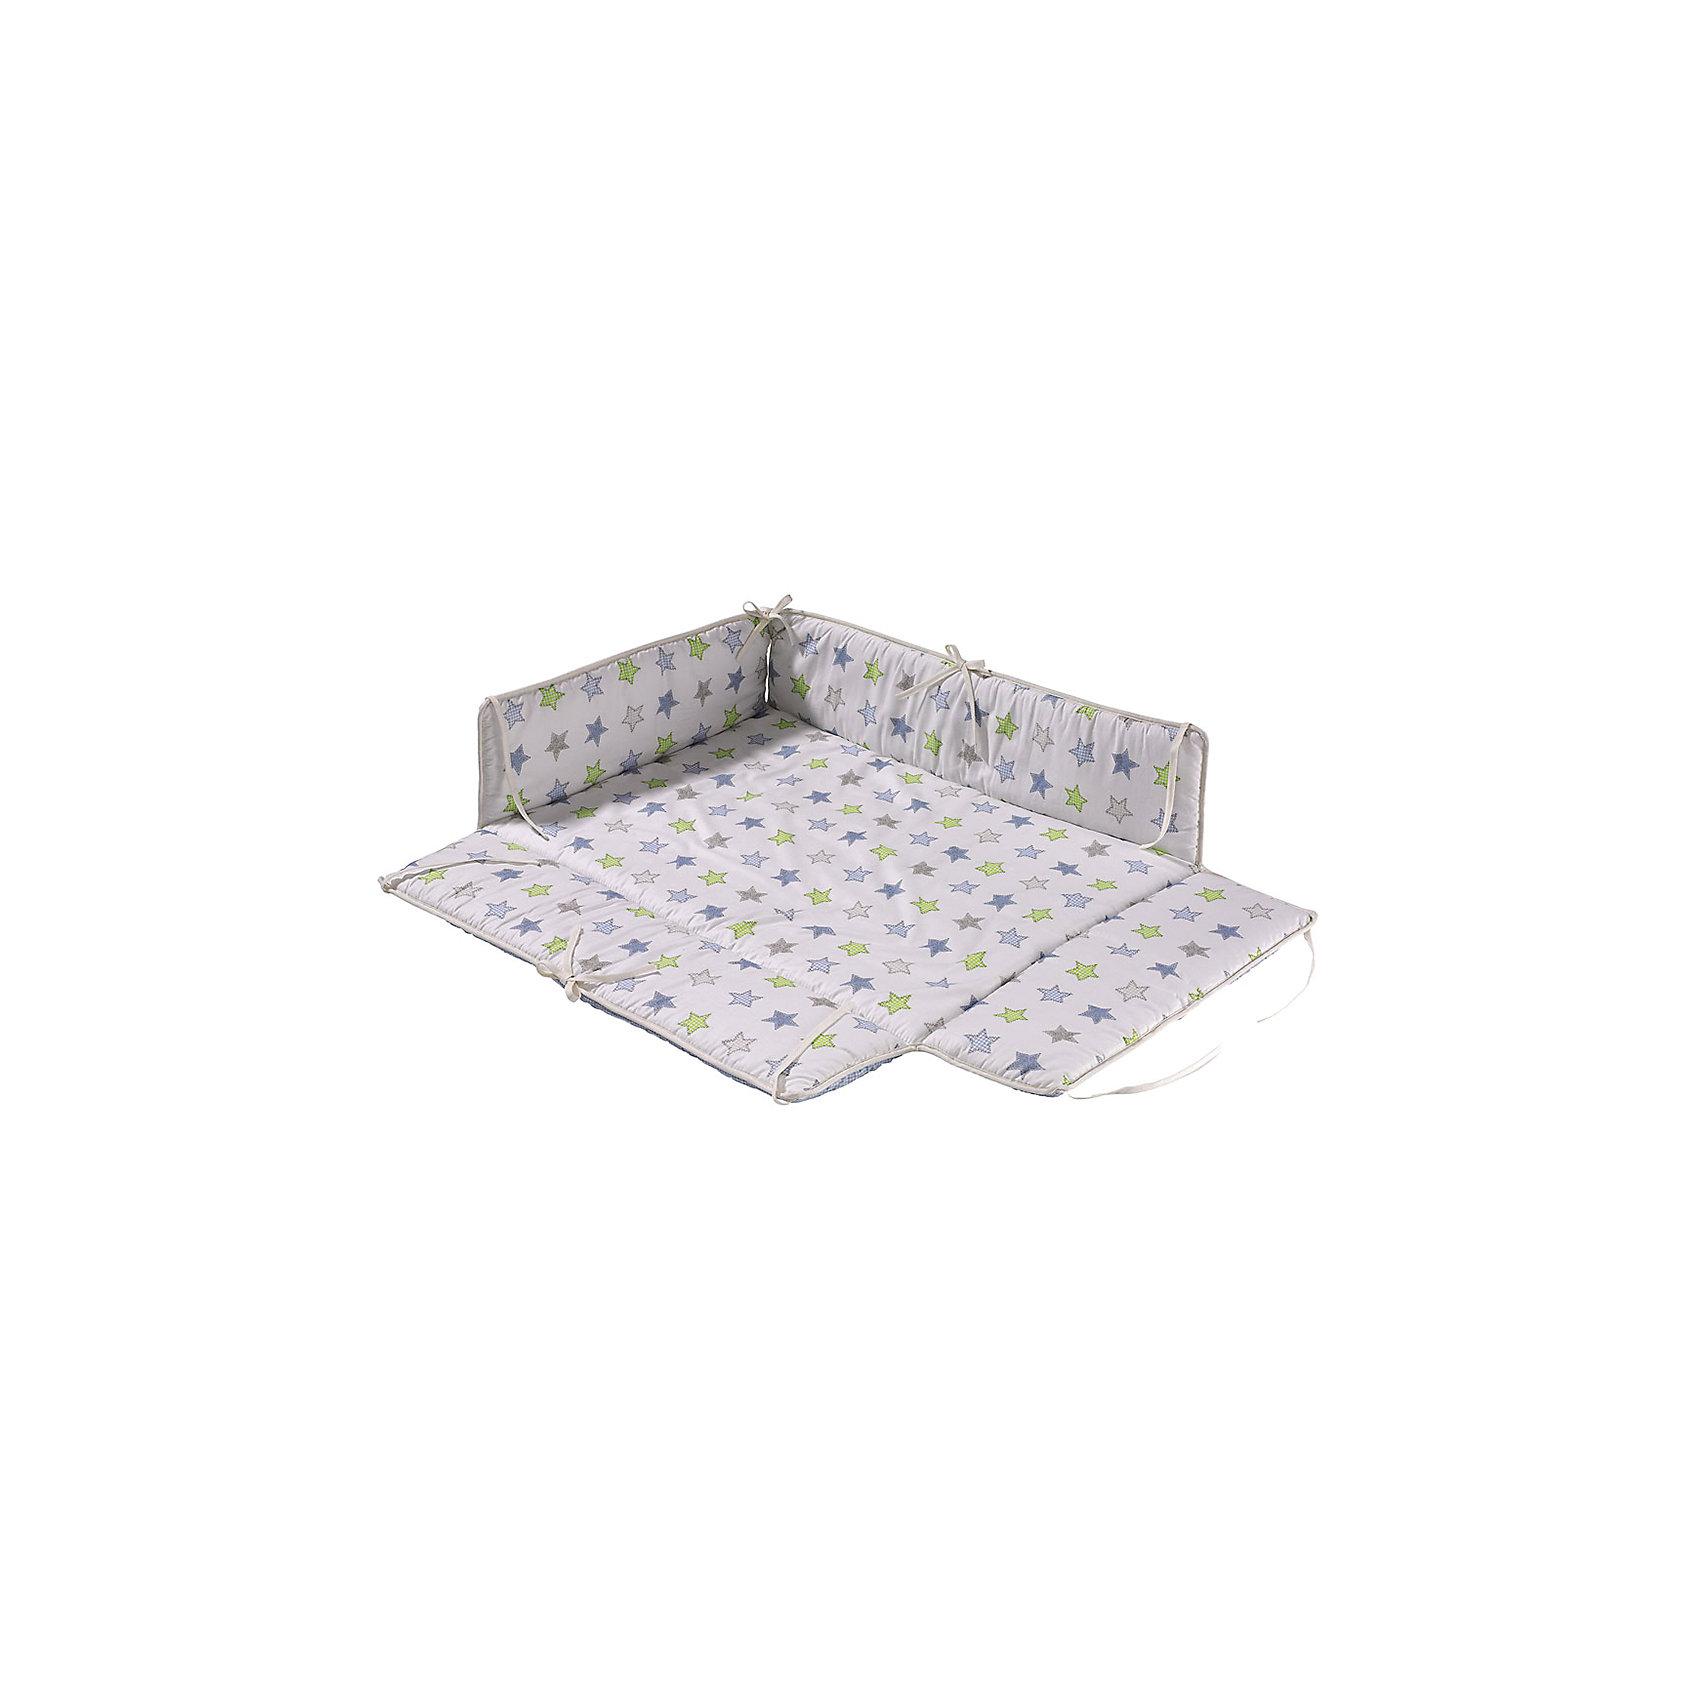 Бампер для манежа AMELI, GeutherПостельное бельё<br>Бампер для манежа AMELI, Geuther<br><br>Характеристики:<br>- Материал: хлопок<br>- Наполнитель: полиэстер<br>- Машинная стирка: доступна<br>- Размер: 102 * 5 * 94,5 см.<br>- Вес: 1 кг.<br>Бампер для манежа AMELI от немецкого бренда, Geuther (Гётер) станет отличным дополнением к вашему манежу, обеспечит мягкость и уют малыша во время игры и сна, а также защитит от сквозняков. Симпатичный дизайн со звездами подойдет как мальчикам, так и девочкам. Нейтральный фон будет хорошо смотреться в любом интерьере комнаты ребенка. Созданный специально для манежа Ameli (Амели), бампер идеально заполняет всю поверхность и фиксируется надежными завязками. Отличное немецкое качество бампера обеспечит необходимую заботу о крохе.<br><br>Бампер для манежа AMELI, Geuther (Гётер) можно купить в нашем интернет-магазине.<br>Подробнее:<br>• Для детей в возрасте: от 0 до 24 месяцев <br>• Номер товара: 5089867<br>Страна производитель: Германия<br><br>Ширина мм: 200<br>Глубина мм: 1060<br>Высота мм: 900<br>Вес г: 1400<br>Возраст от месяцев: 0<br>Возраст до месяцев: 24<br>Пол: Унисекс<br>Возраст: Детский<br>SKU: 5089867